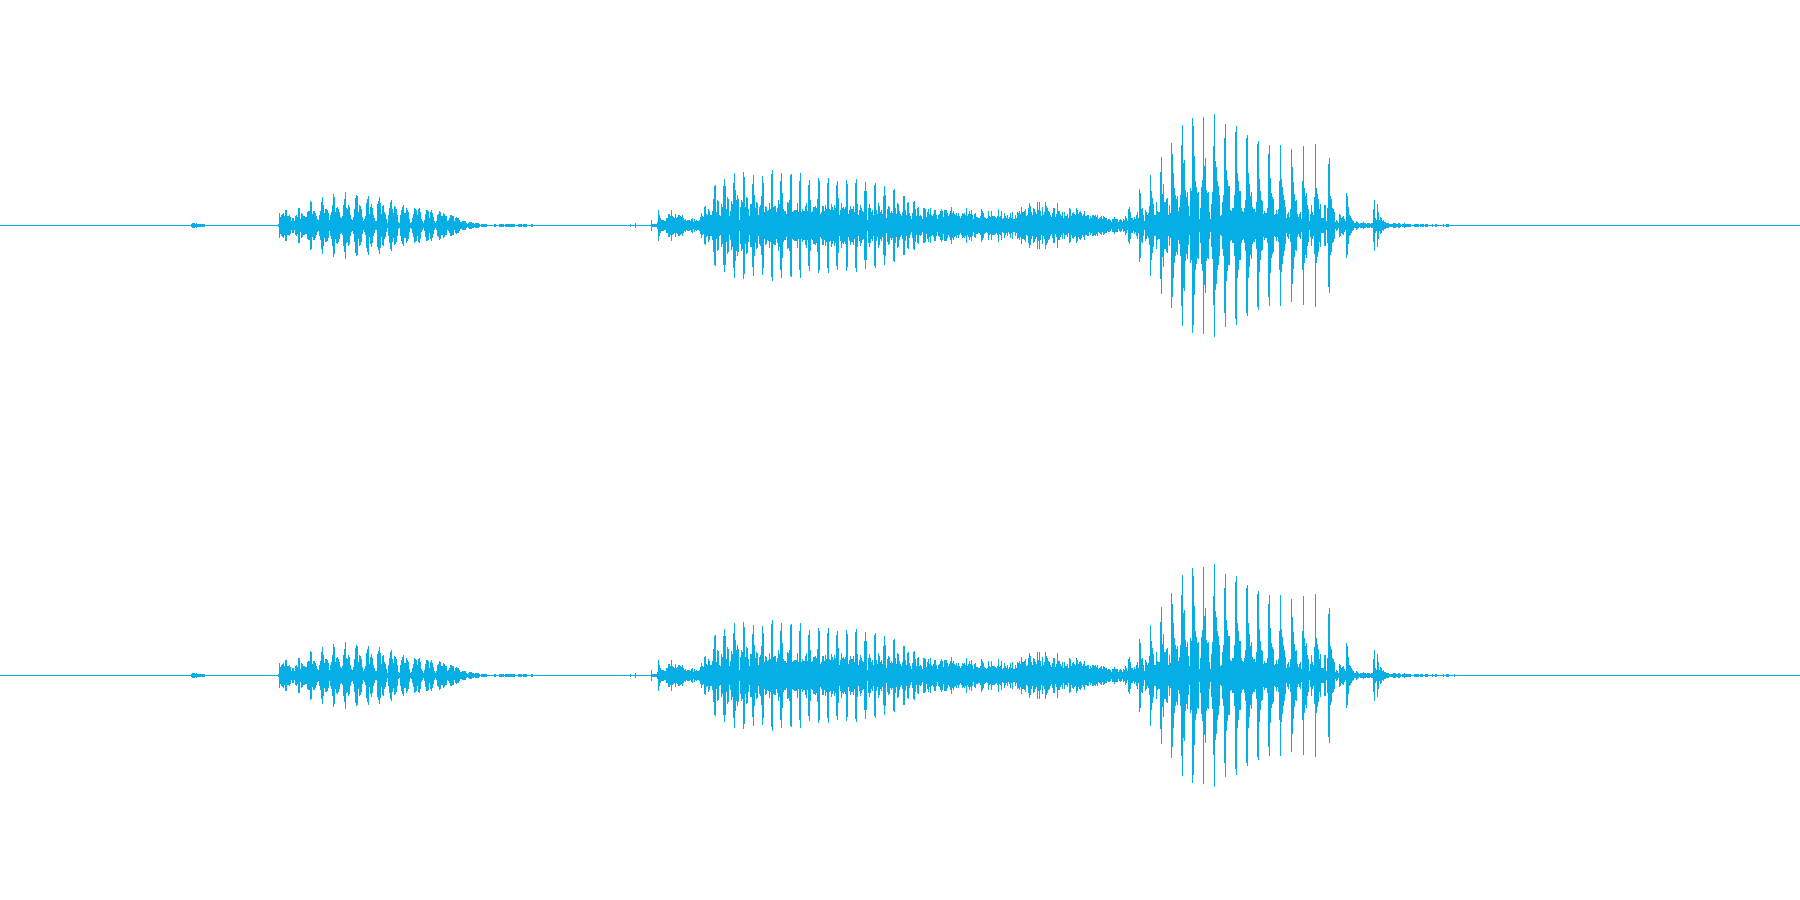 【星座】射手座の再生済みの波形